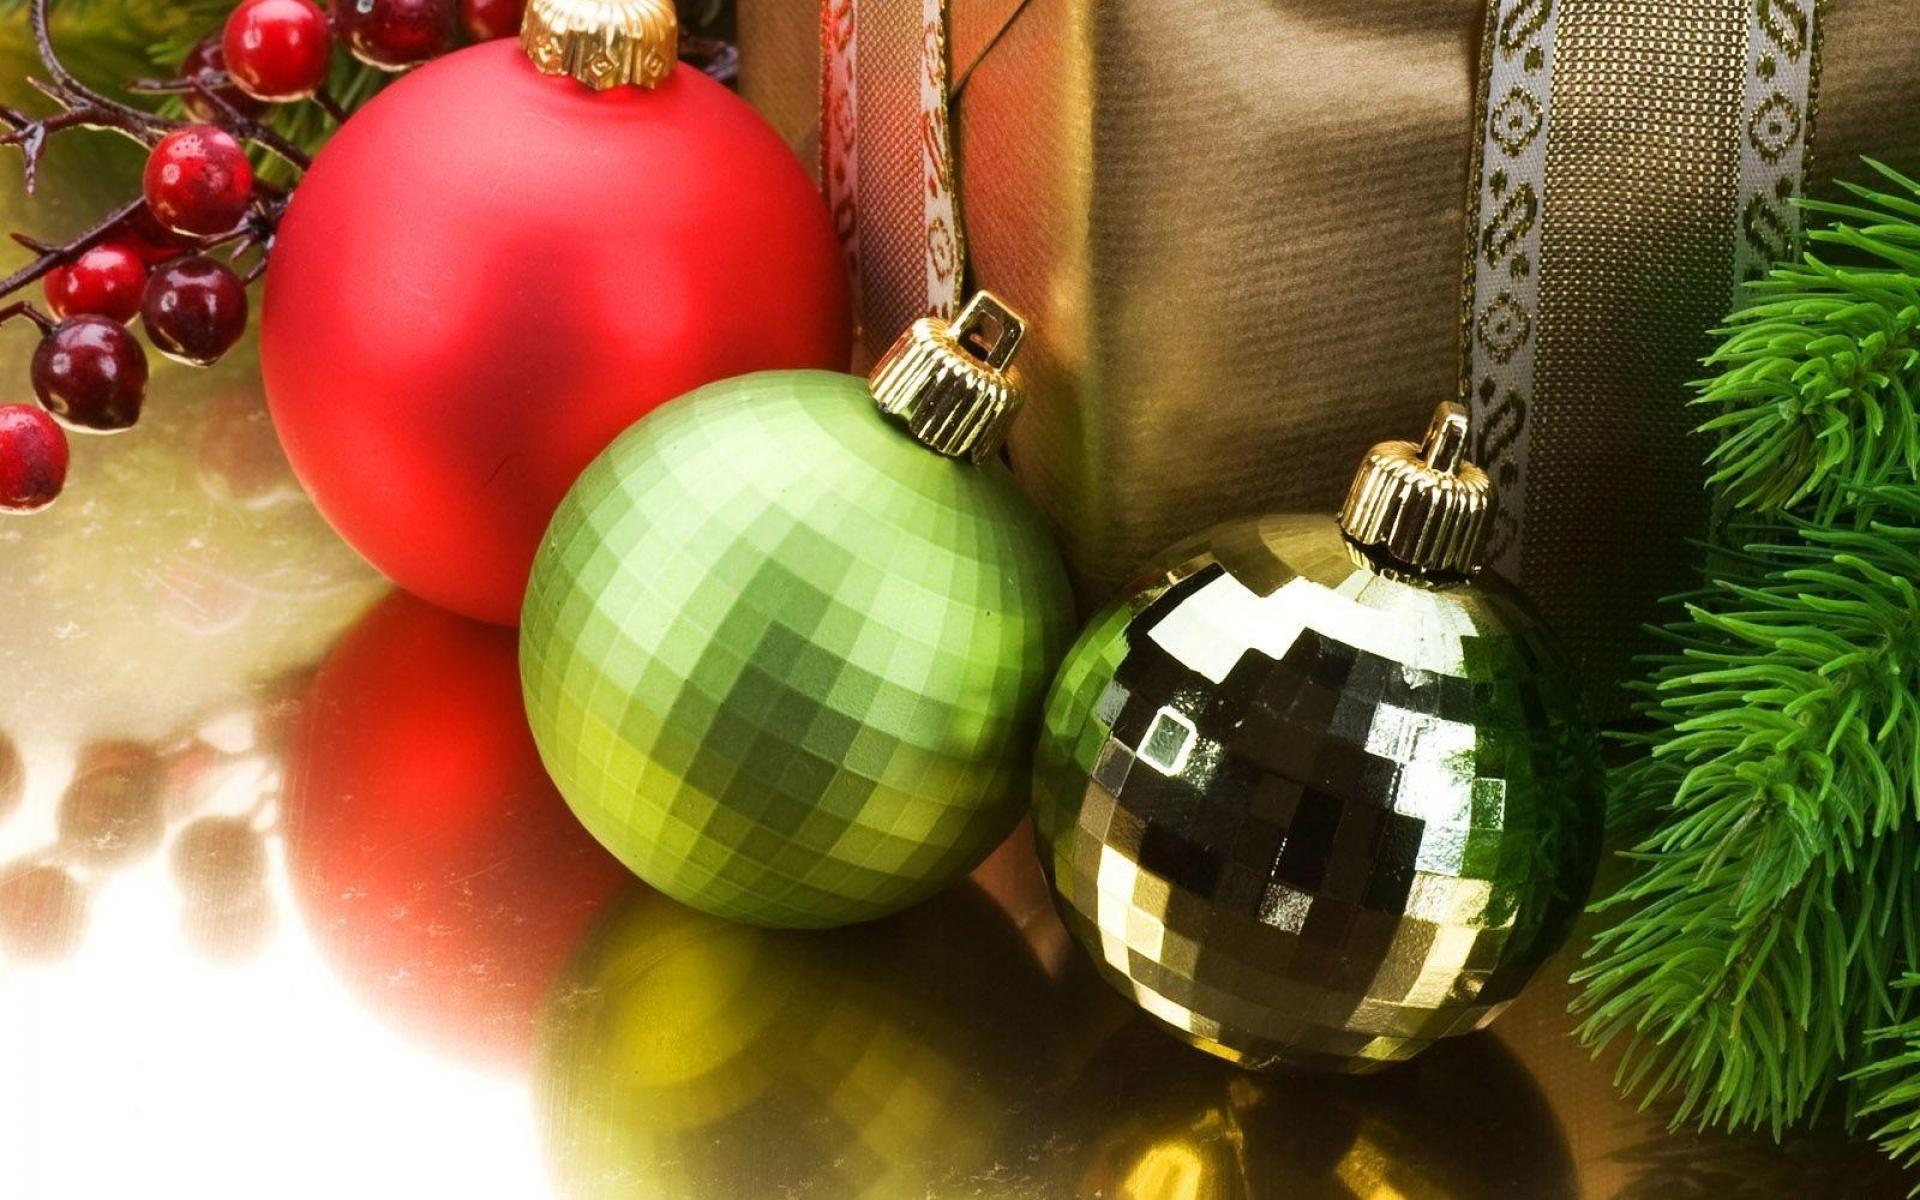 Картинки Рождественские украшения, воздушные шары, подарок, нитки, иглы, праздник фото и обои на рабочий стол